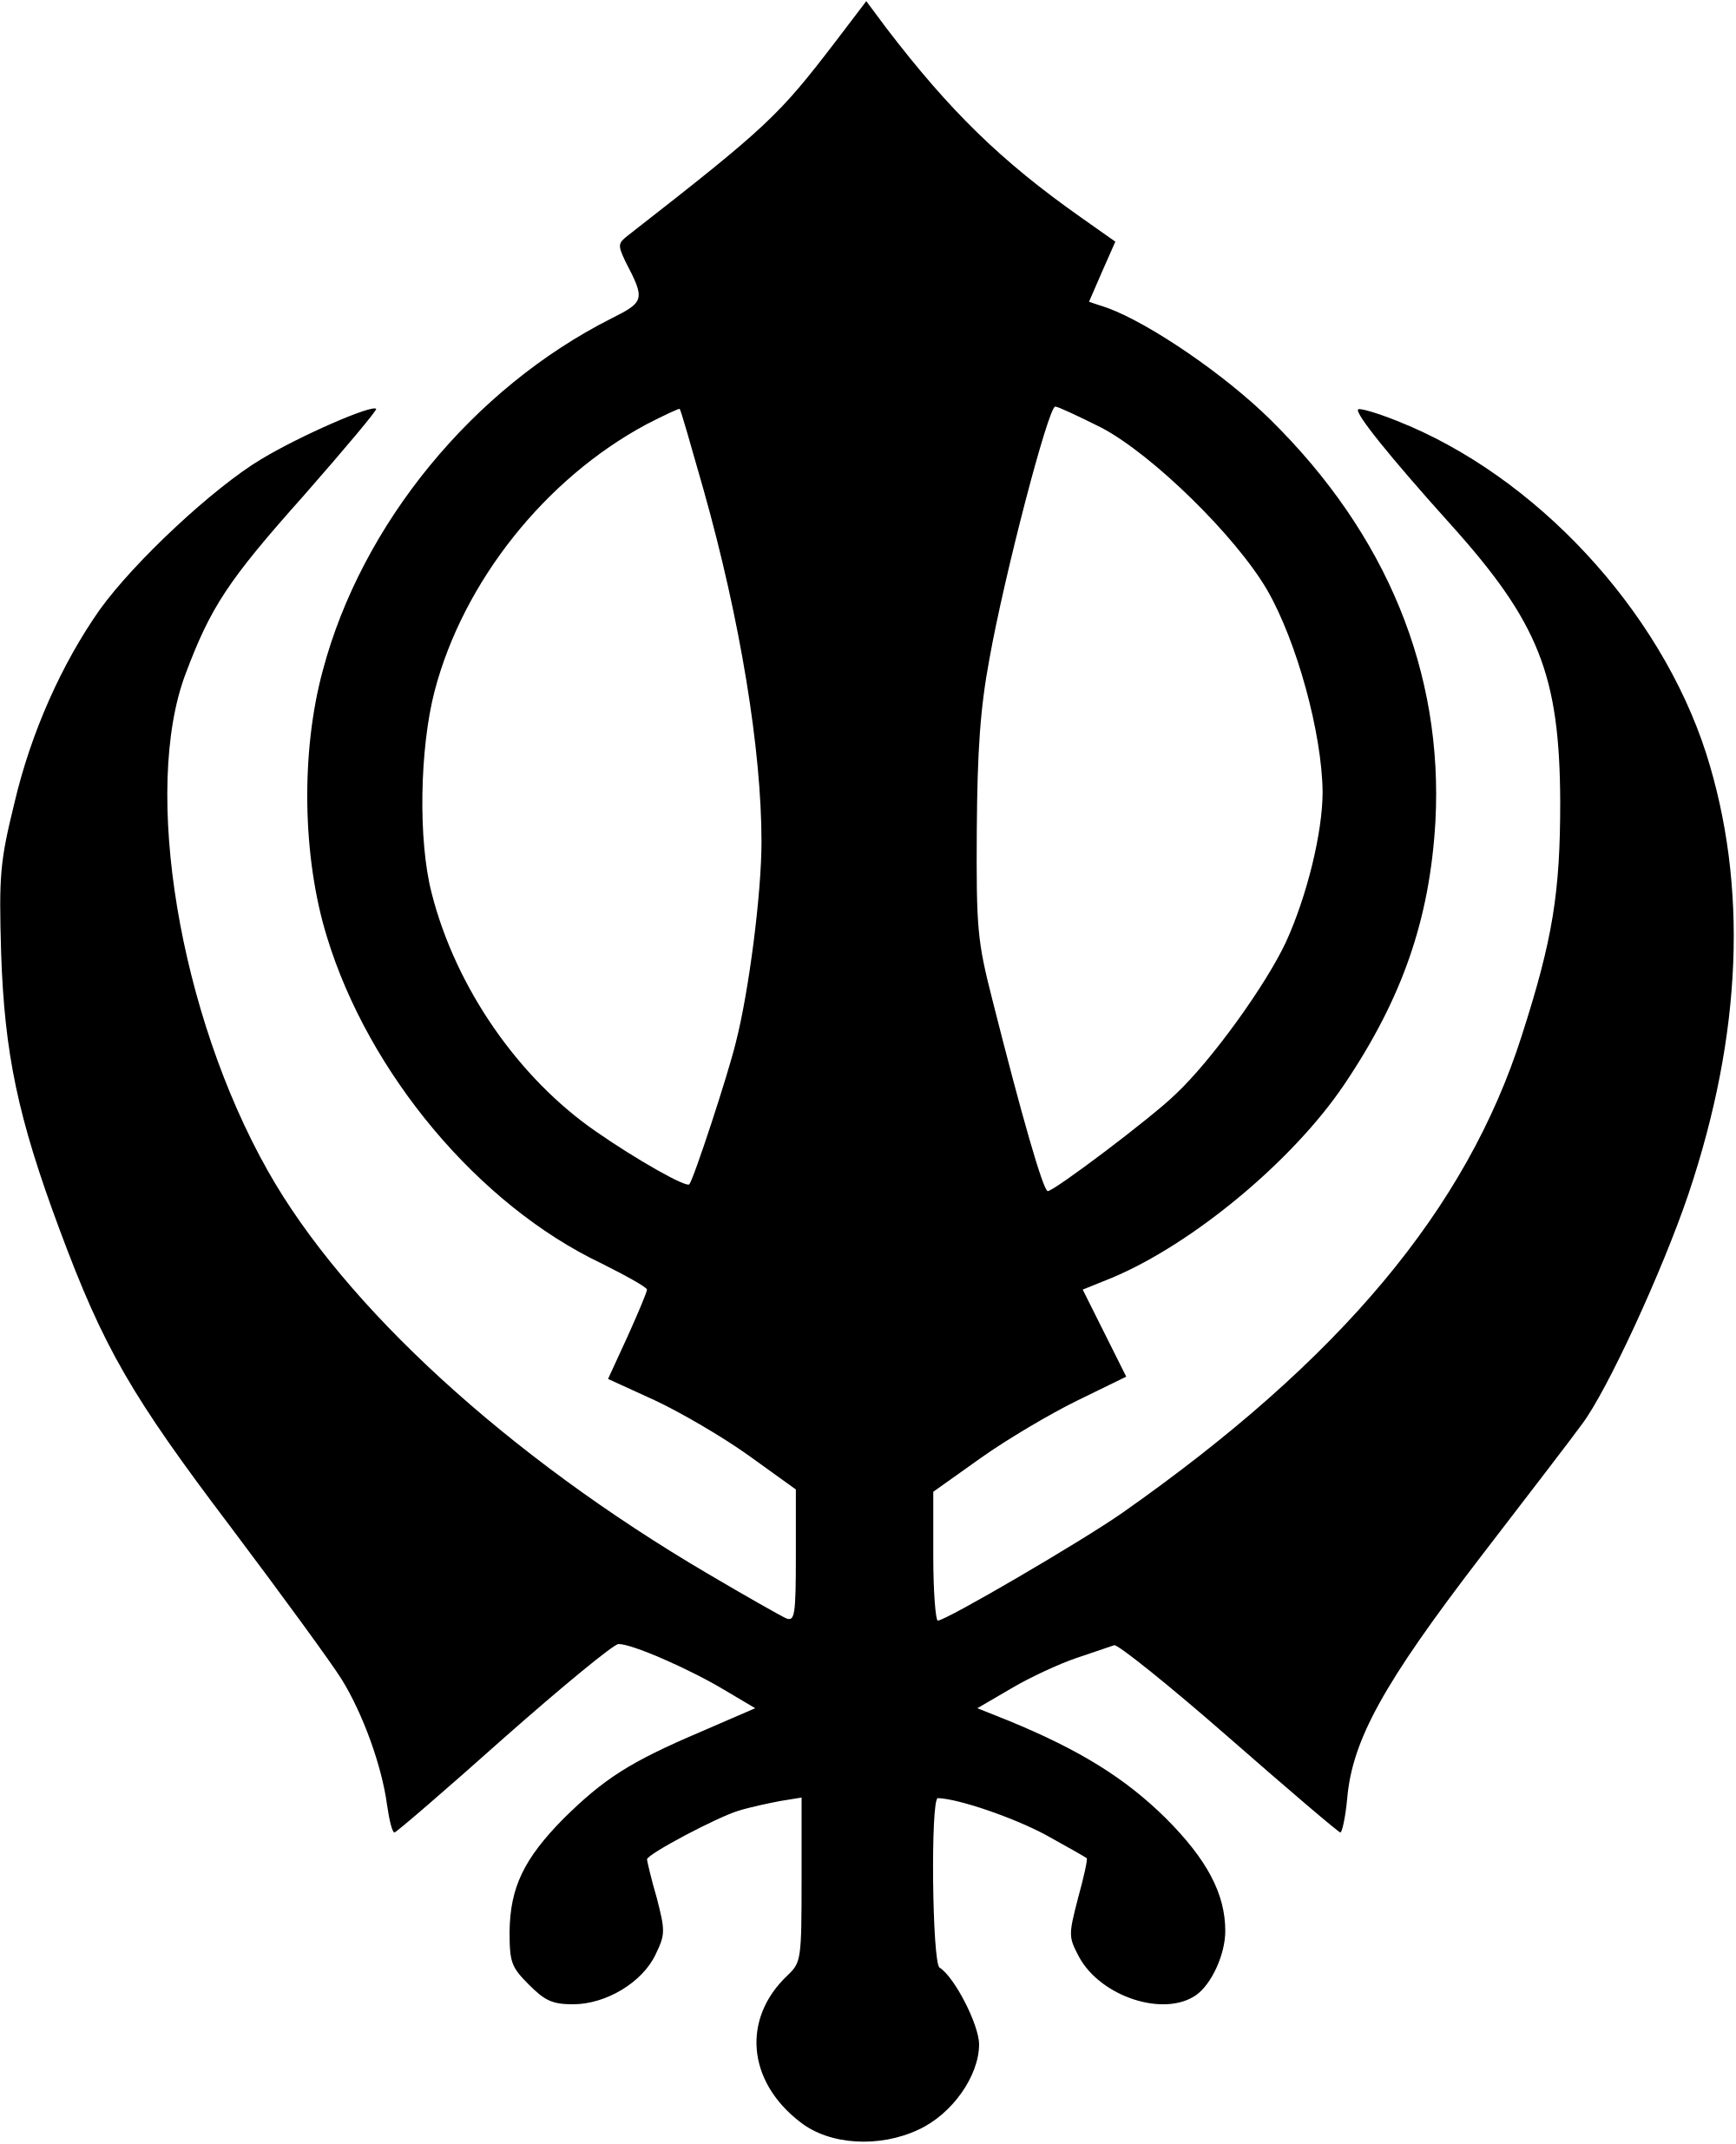 Khanda HD PNG - 119479